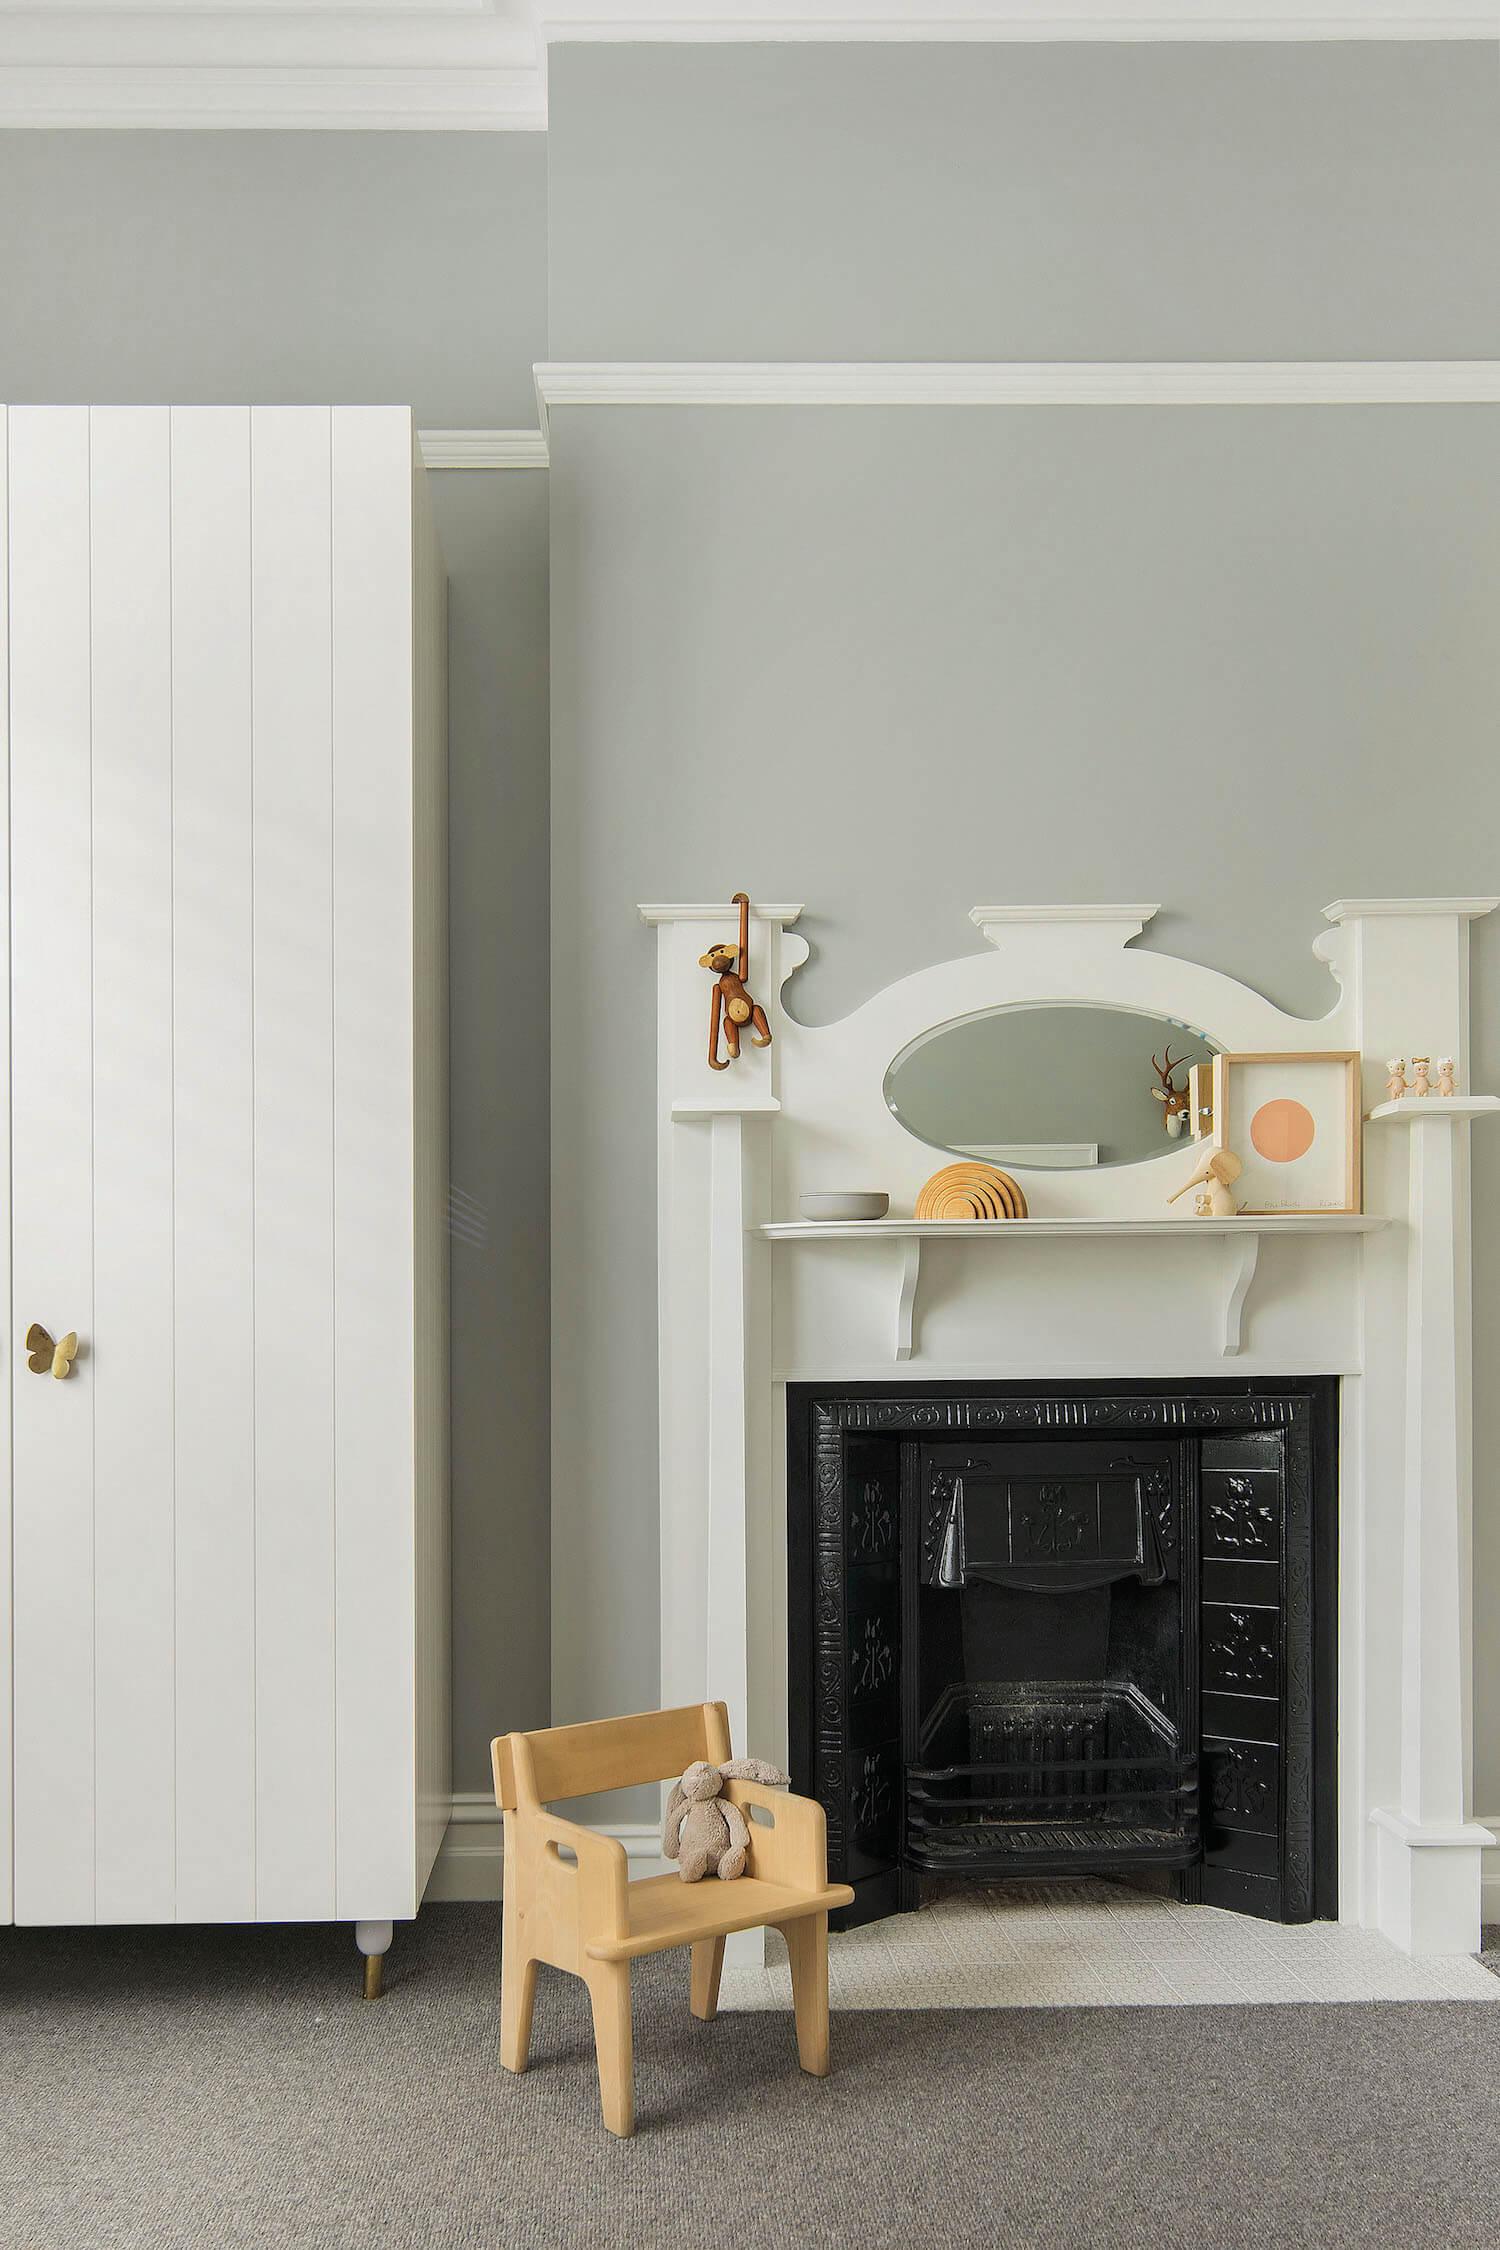 est living australian interiors cjh design rosebery home 5